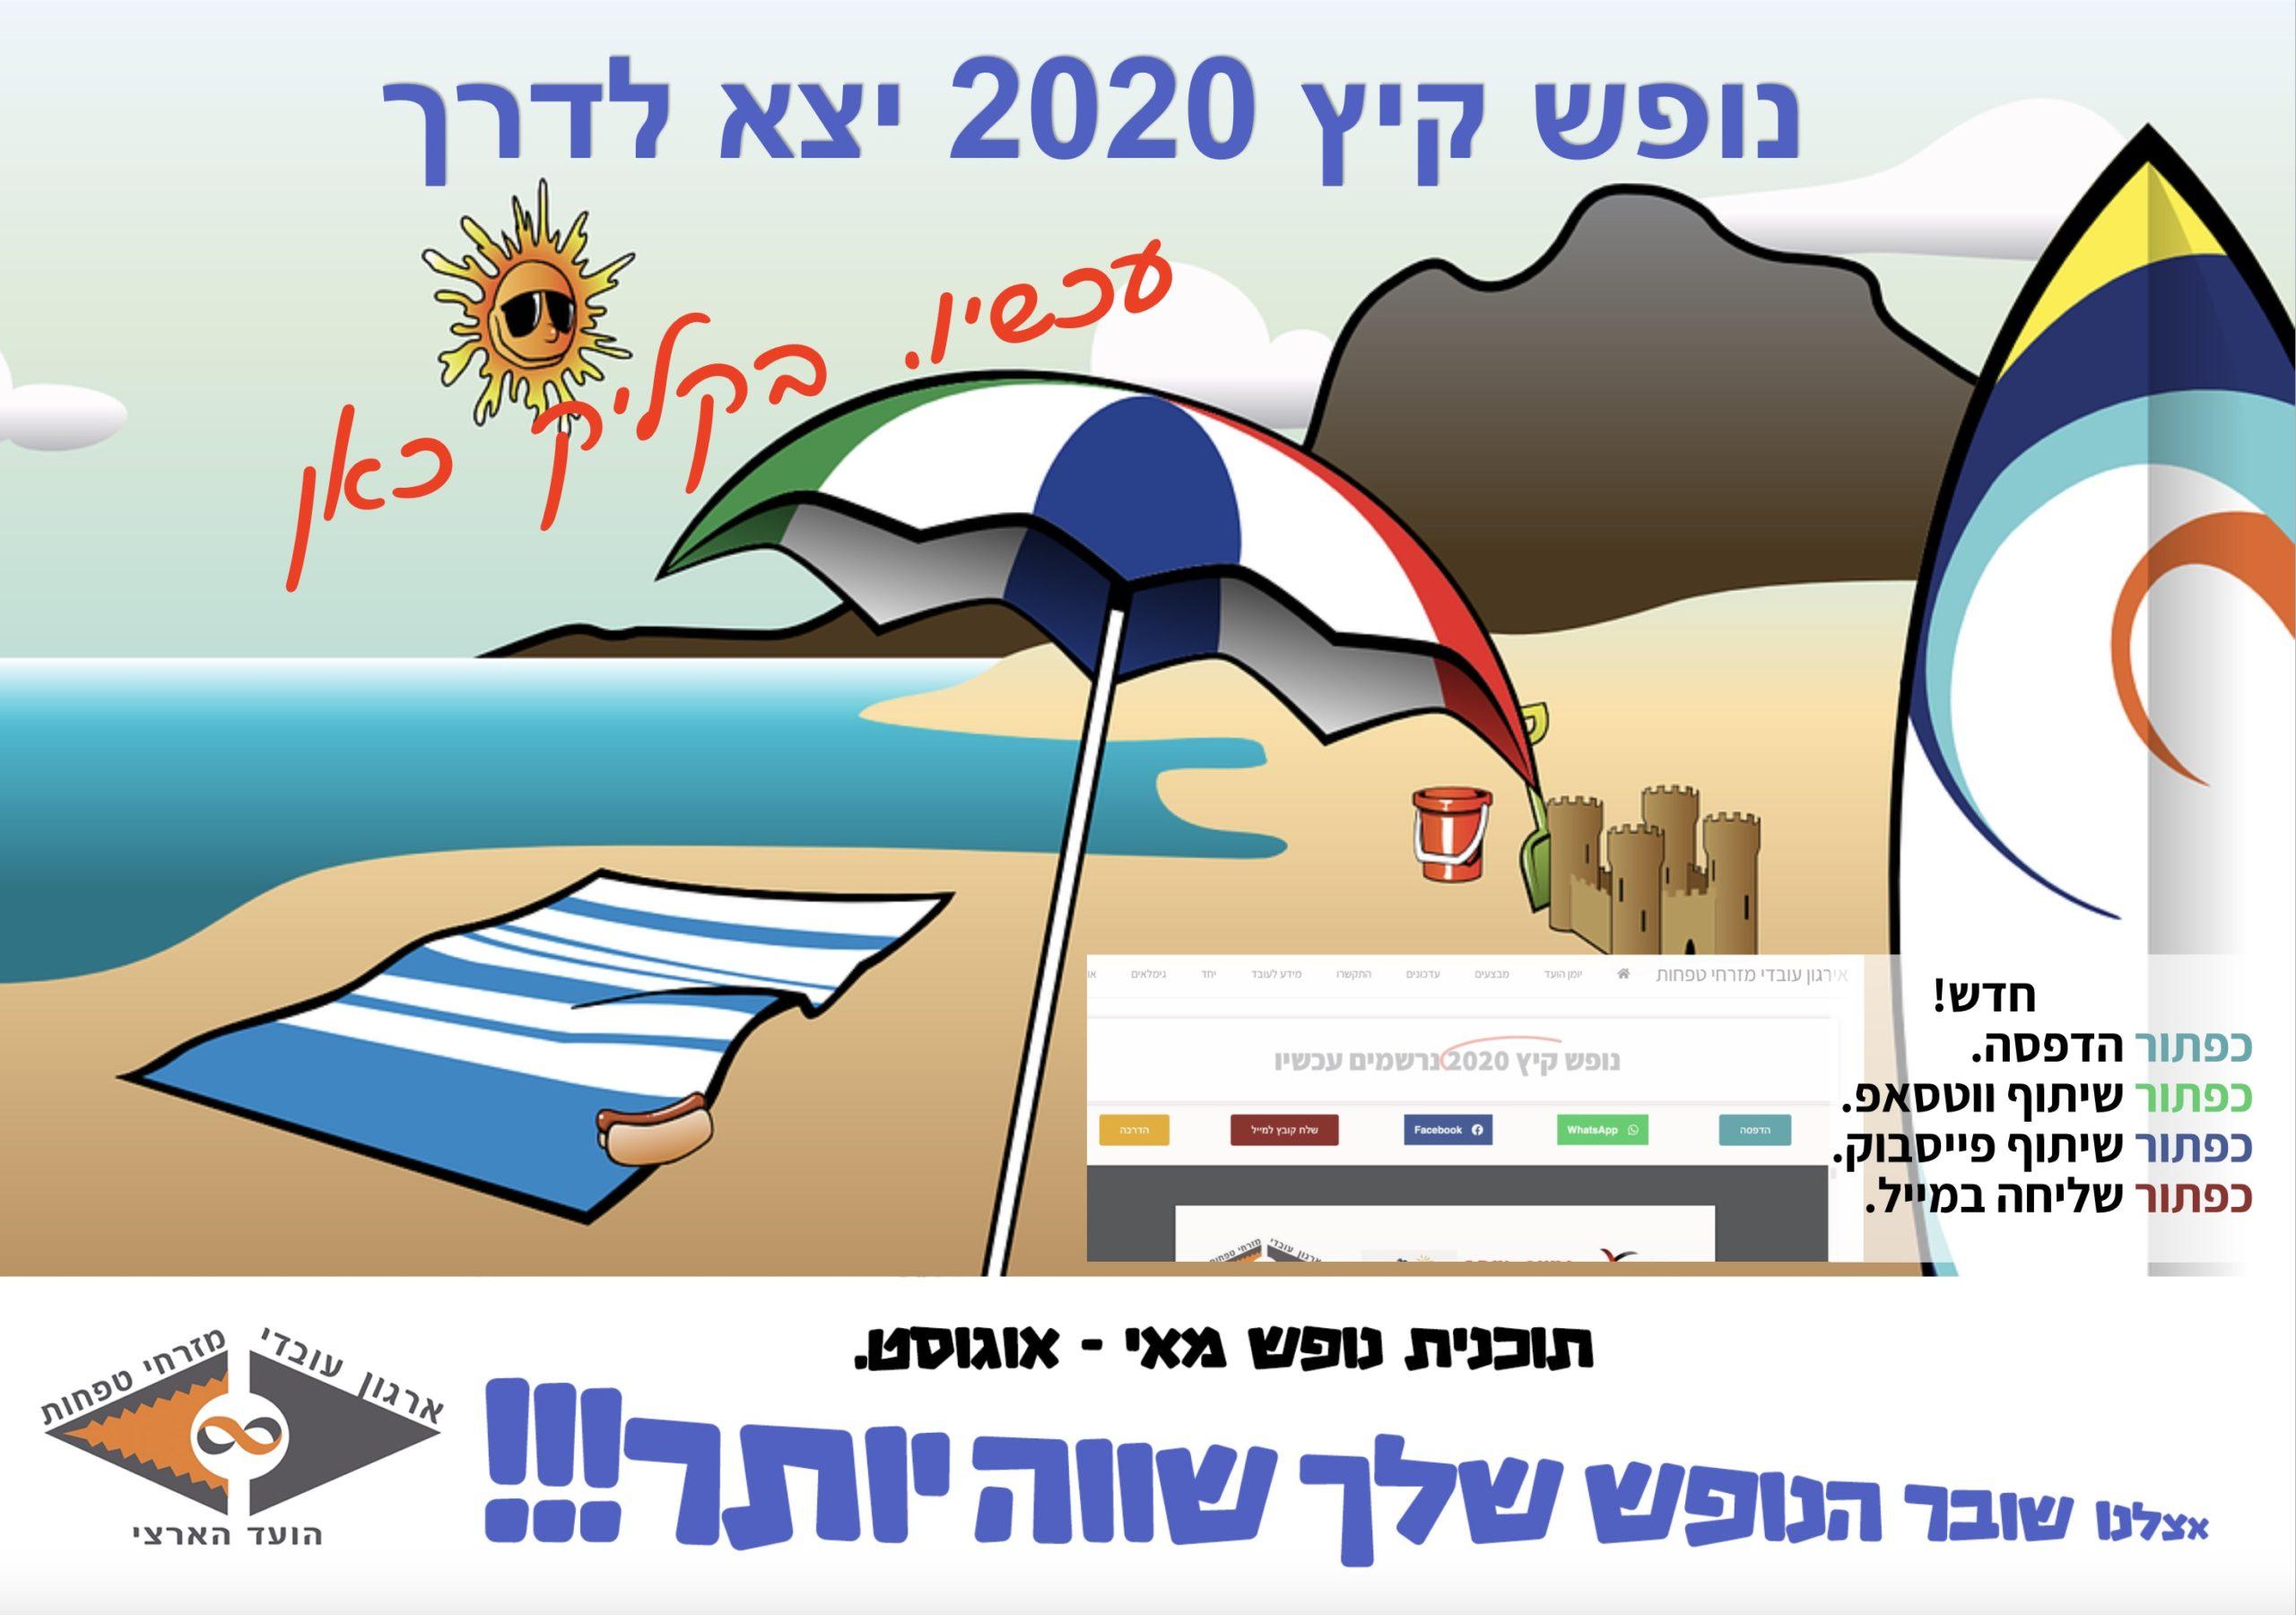 נופש קיץ 2020